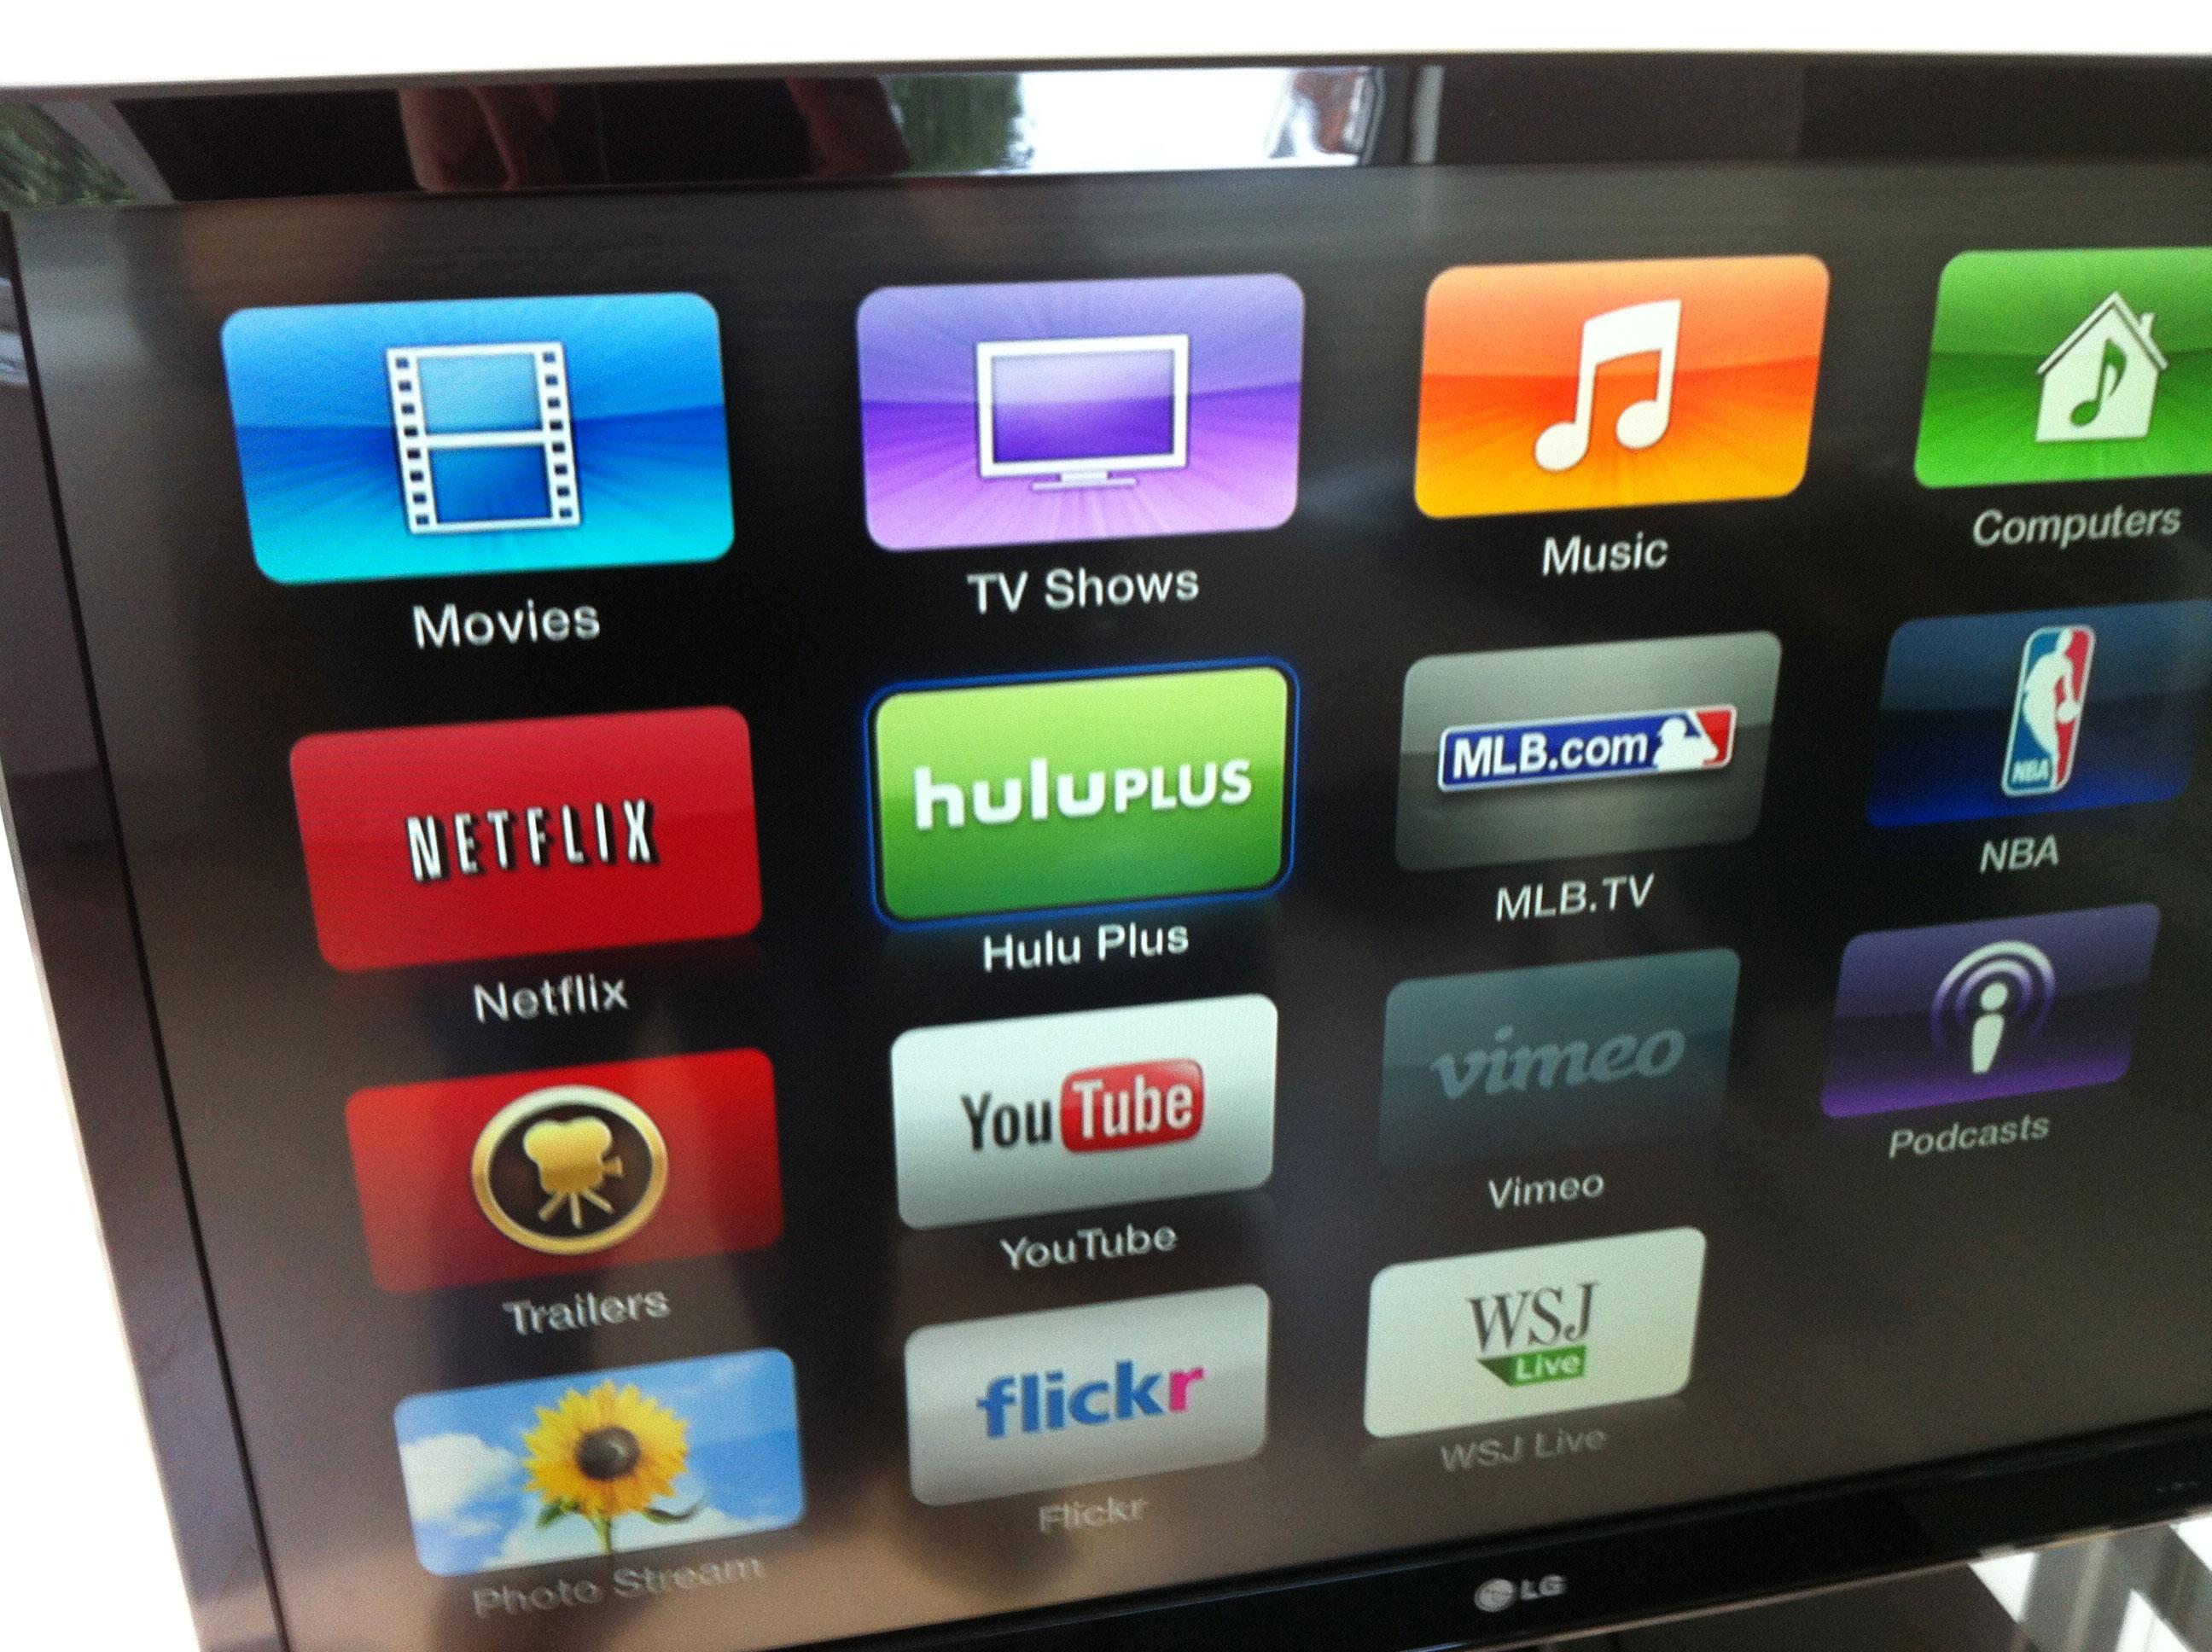 hulu plus now available on apple tv - macrumors